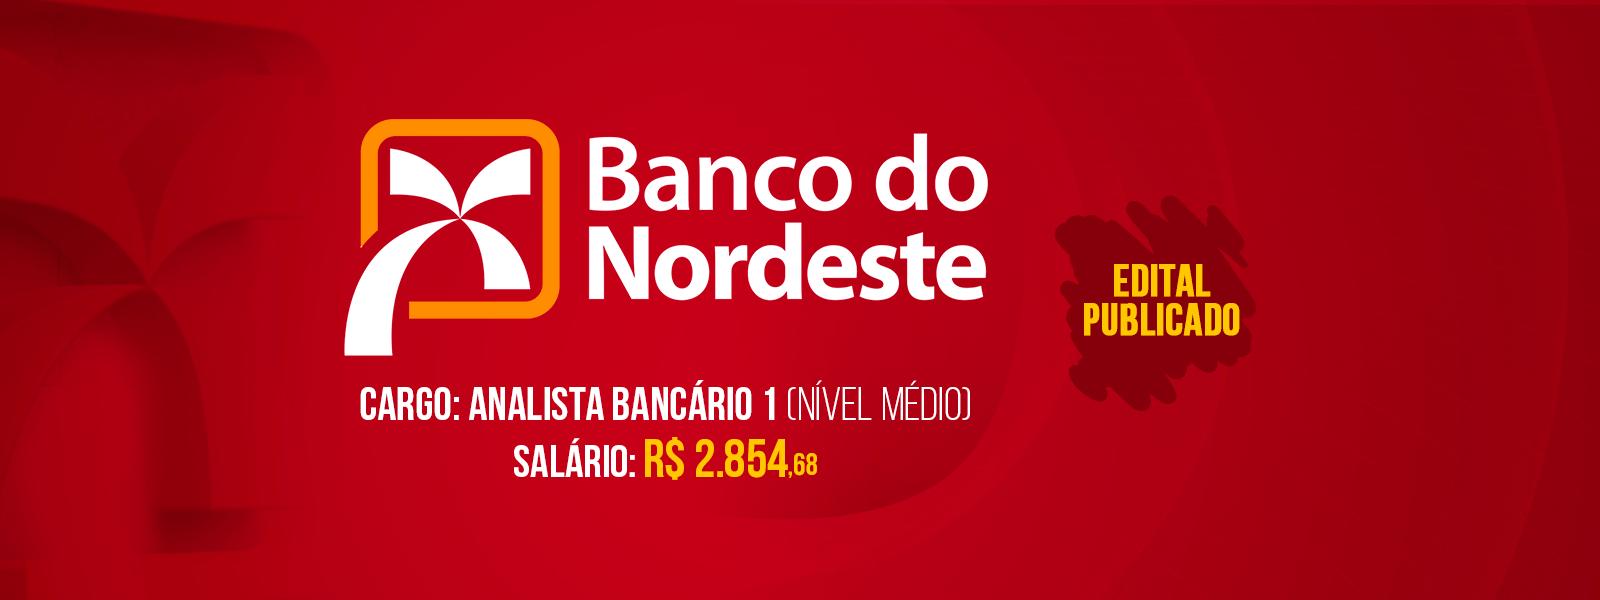 BANNER-1600-BANCO-DO-NORDESTE